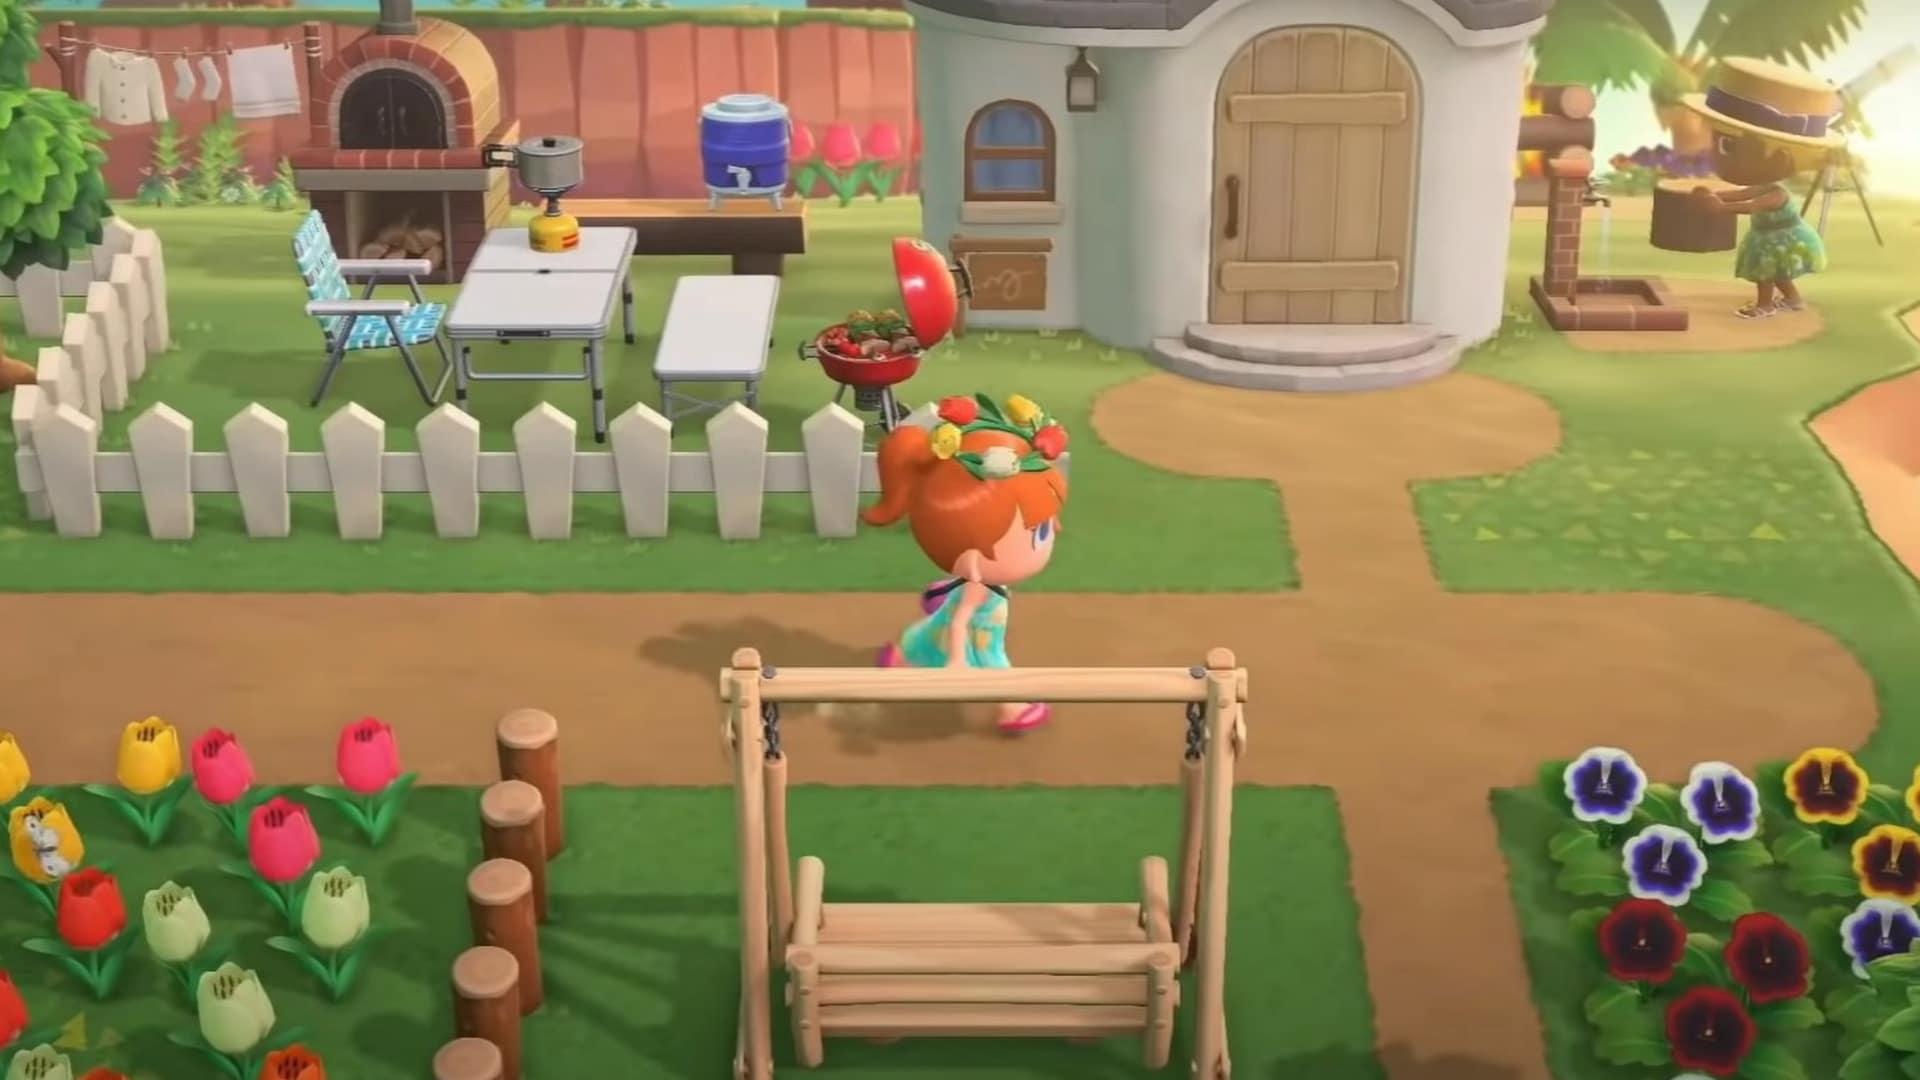 5 características que podríamos ver en la próxima actualización de Animal Crossing: New Horizons